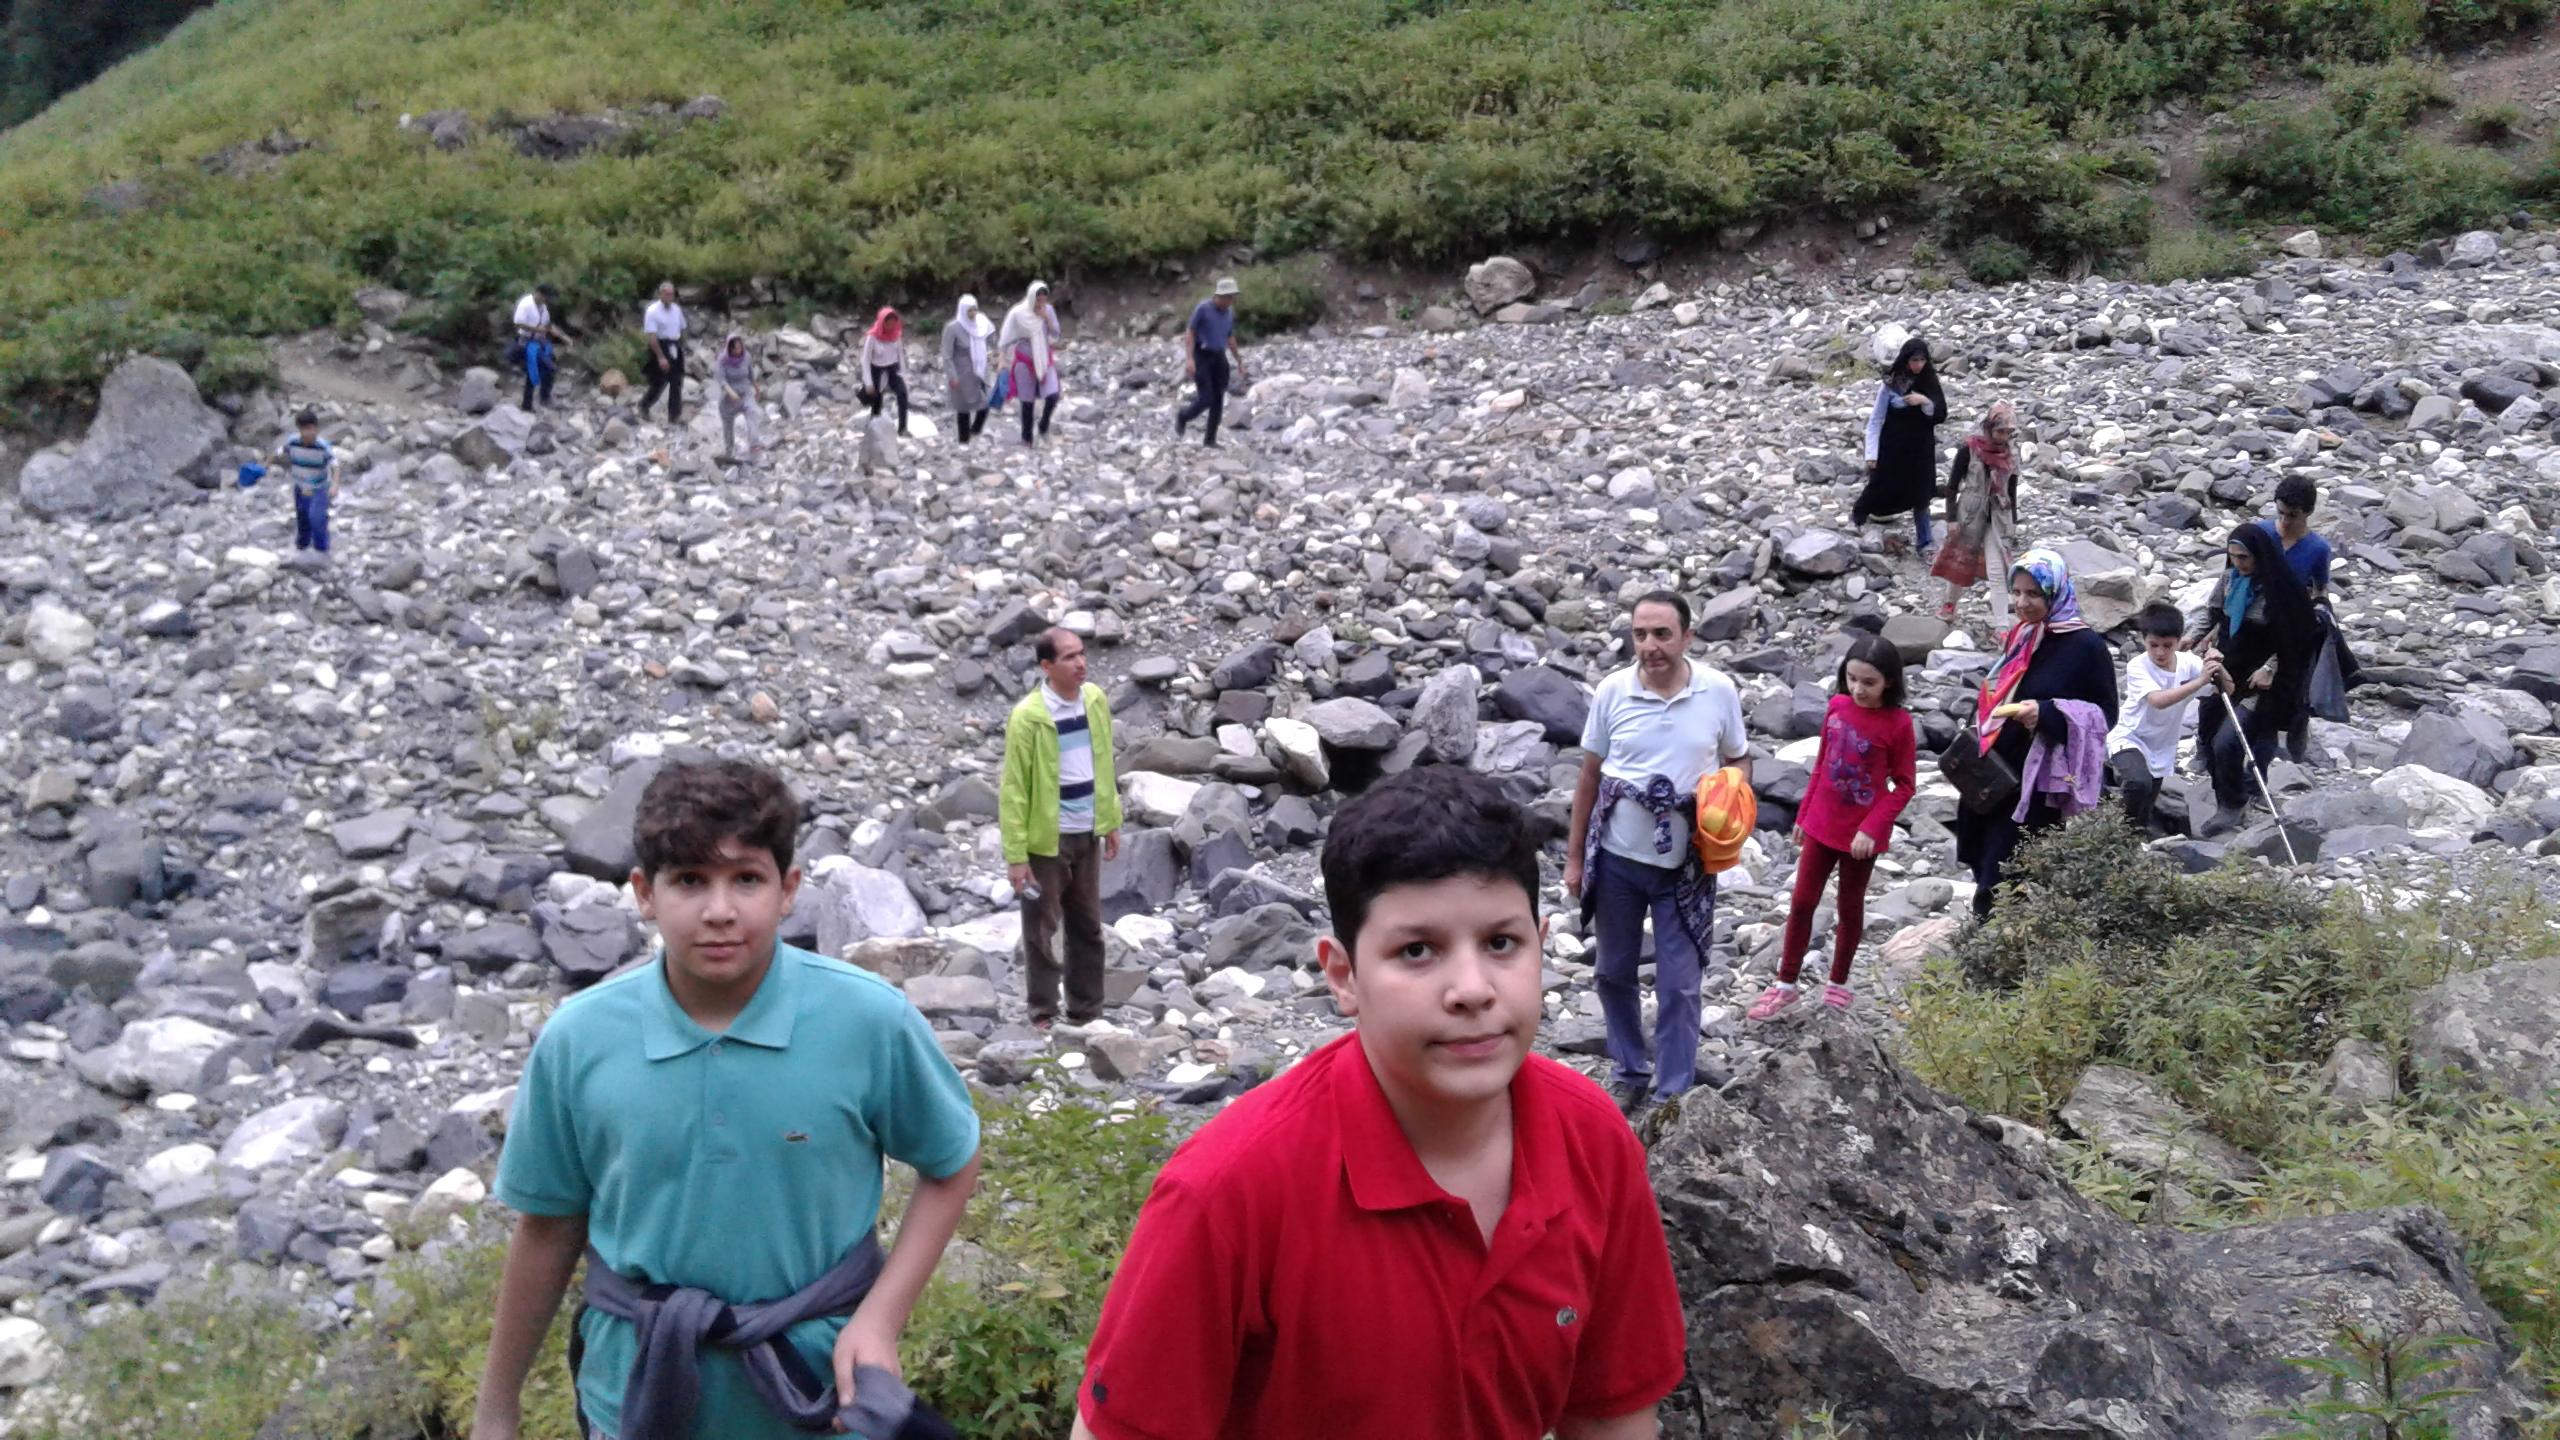 برگزاری همایش تفریحی و کوهنوردی کارکنان مپنا توگا در دهکده ی گلامره